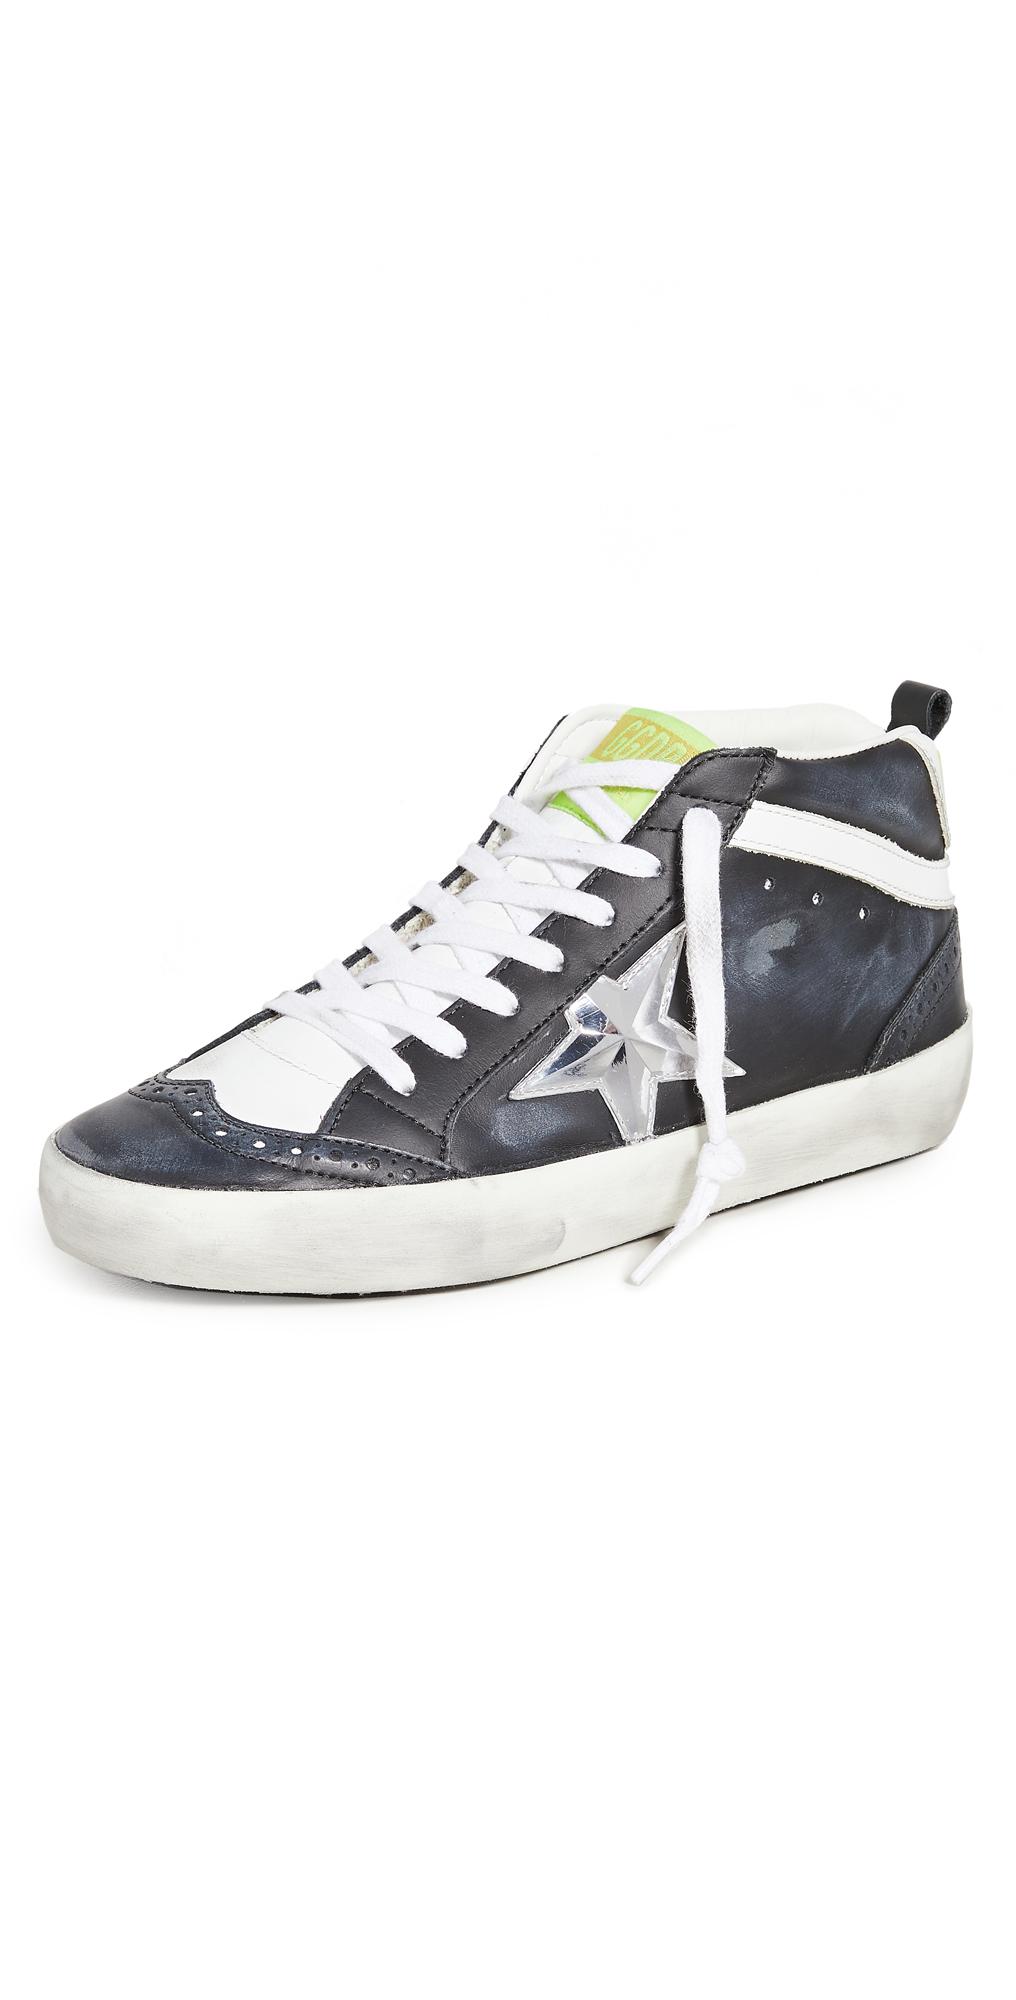 Golden Goose Midstar Sneakers In Black/white/silver